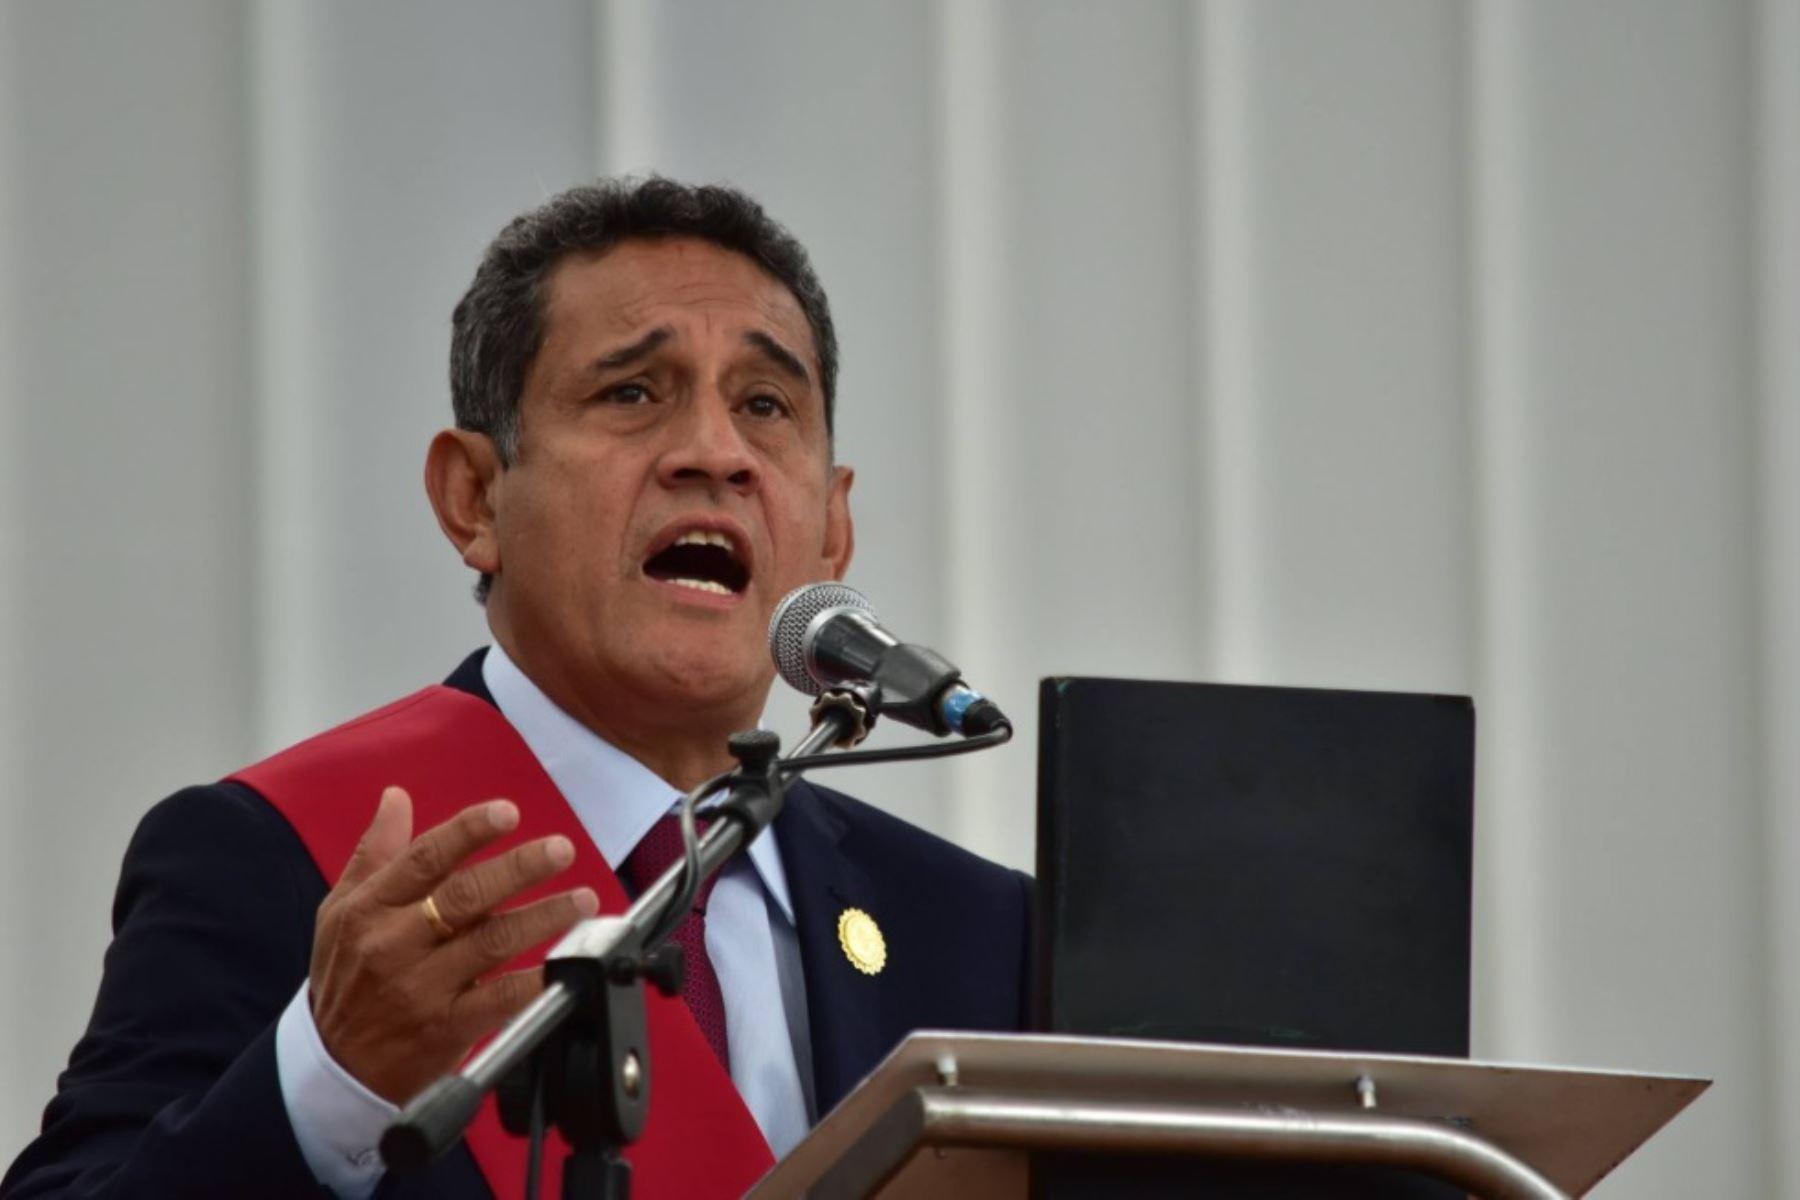 Gobernador regional de Cajamarca, Mesías Guevara Amasifuén, jura al cargo para el período 2019-2022.